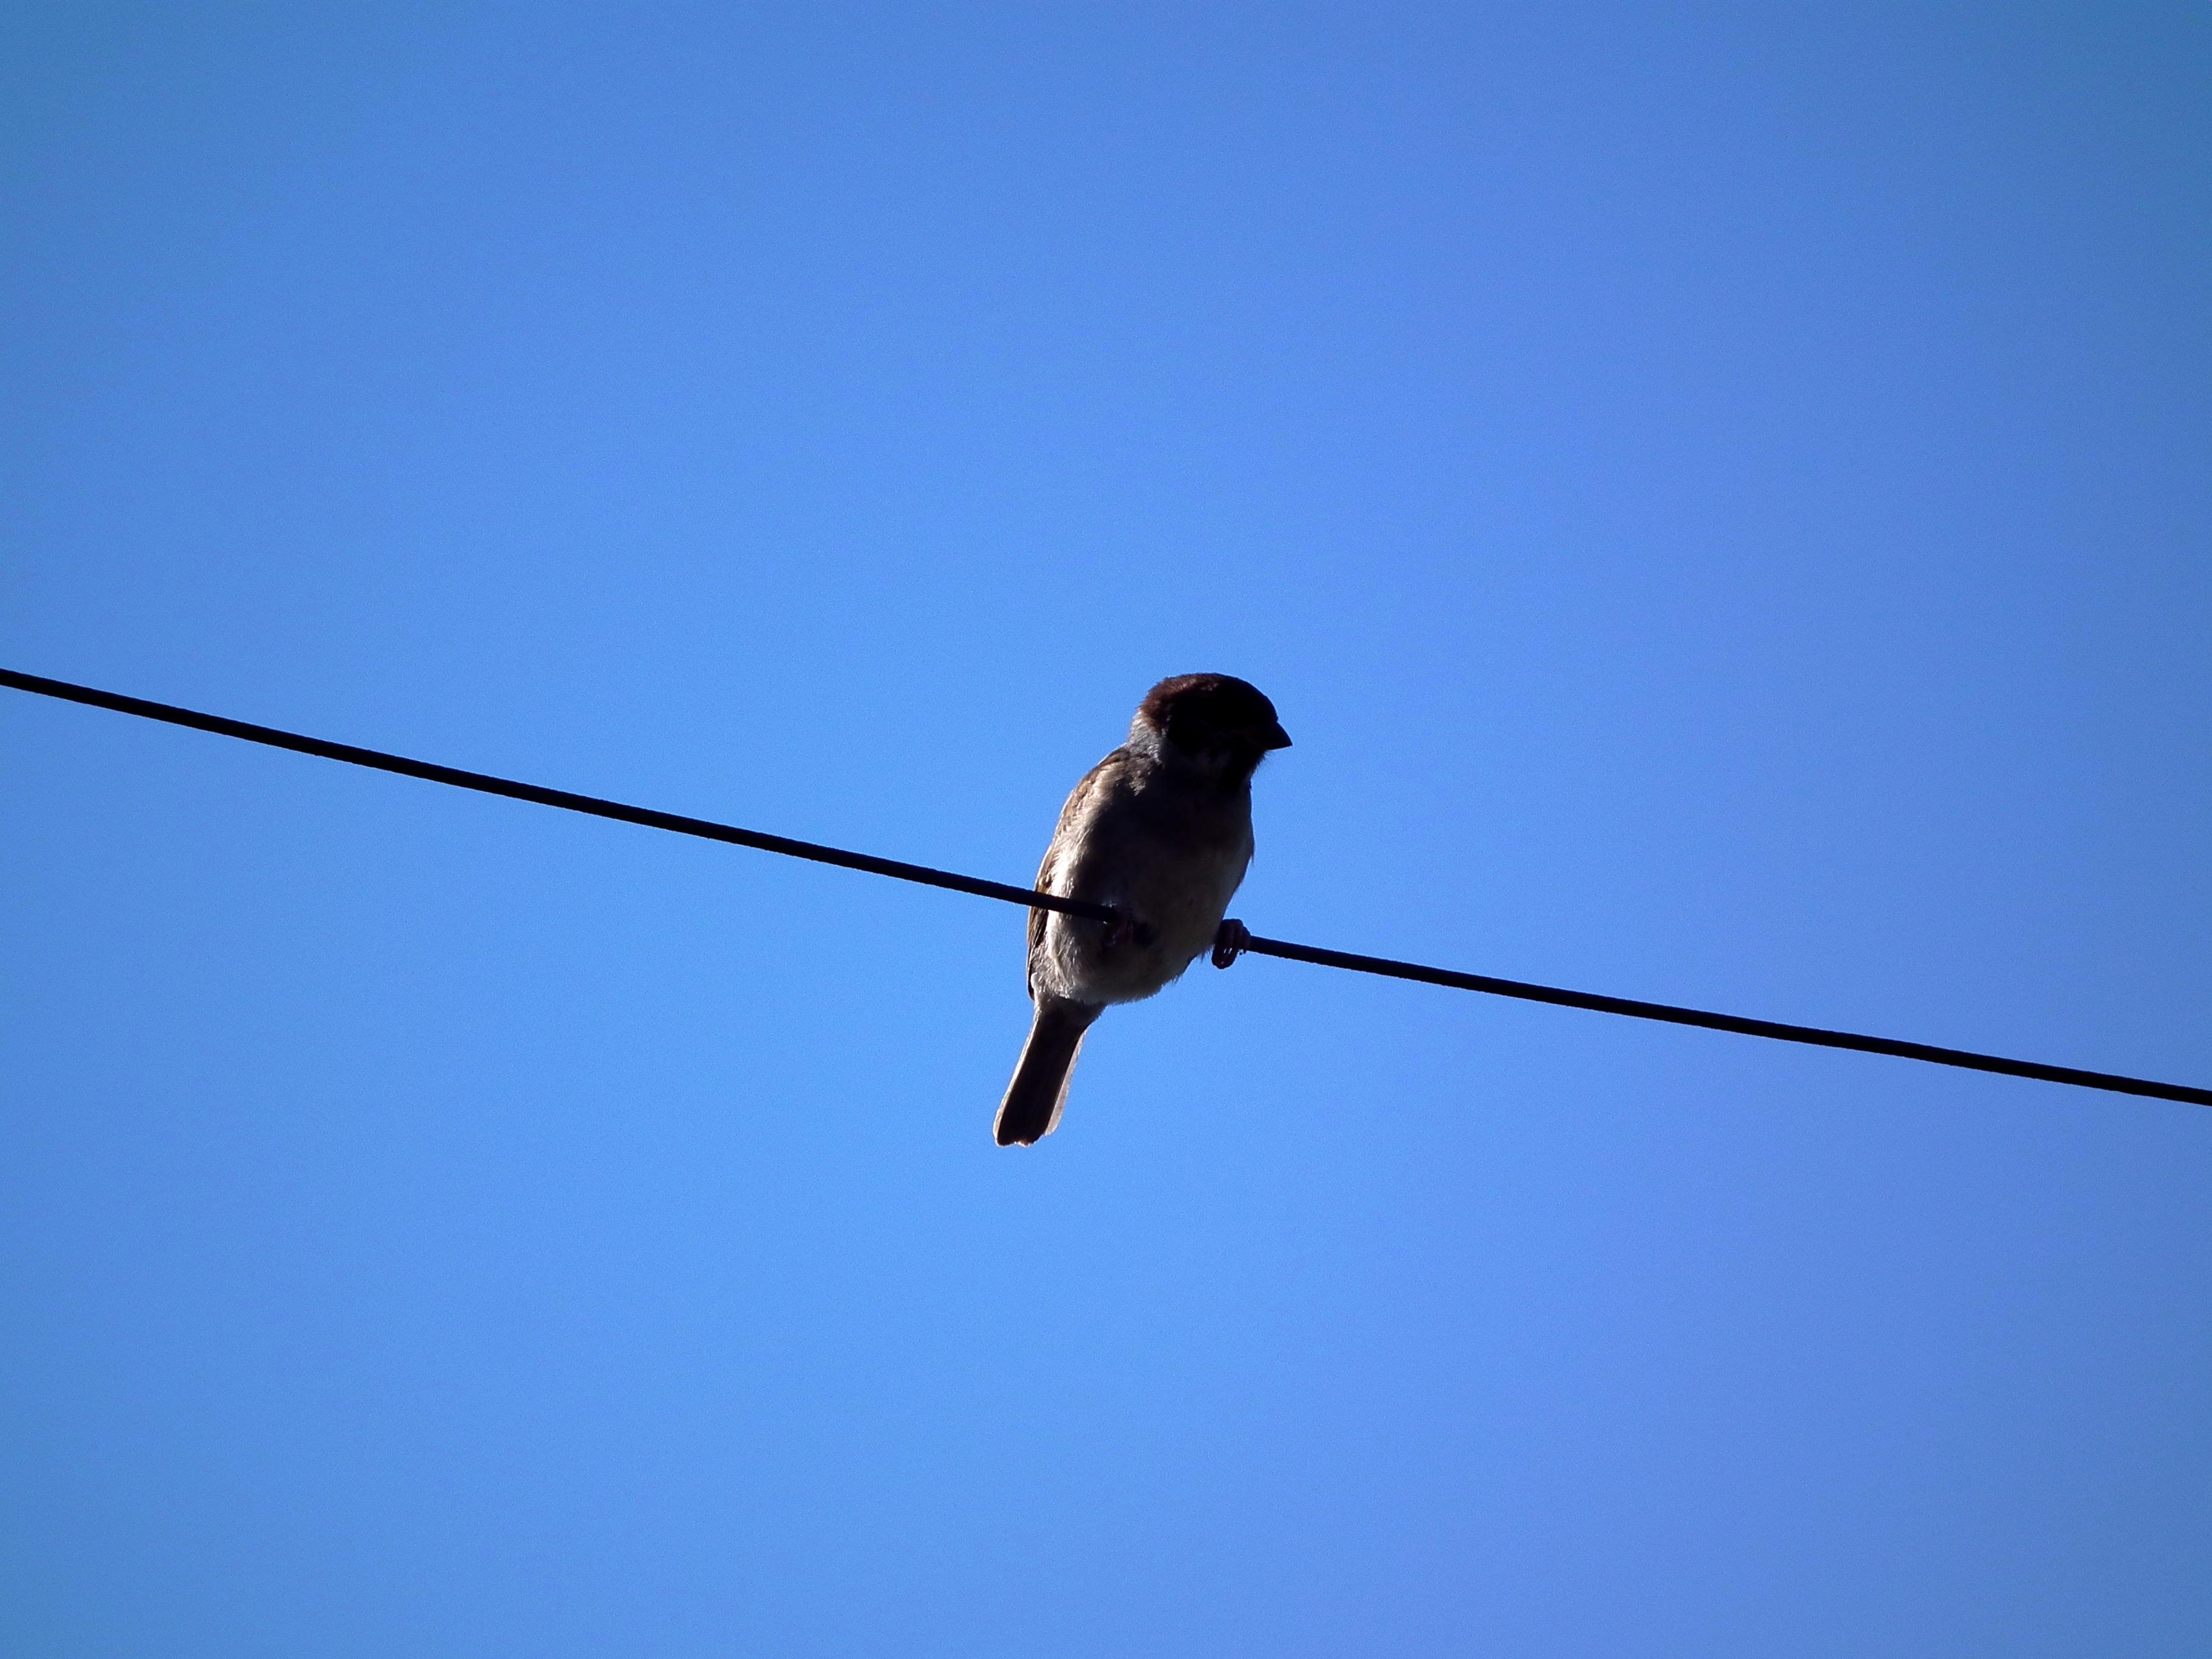 Kostenlose foto : Vogel, Flügel, Draht, Flug, braun, blau, blauer ...